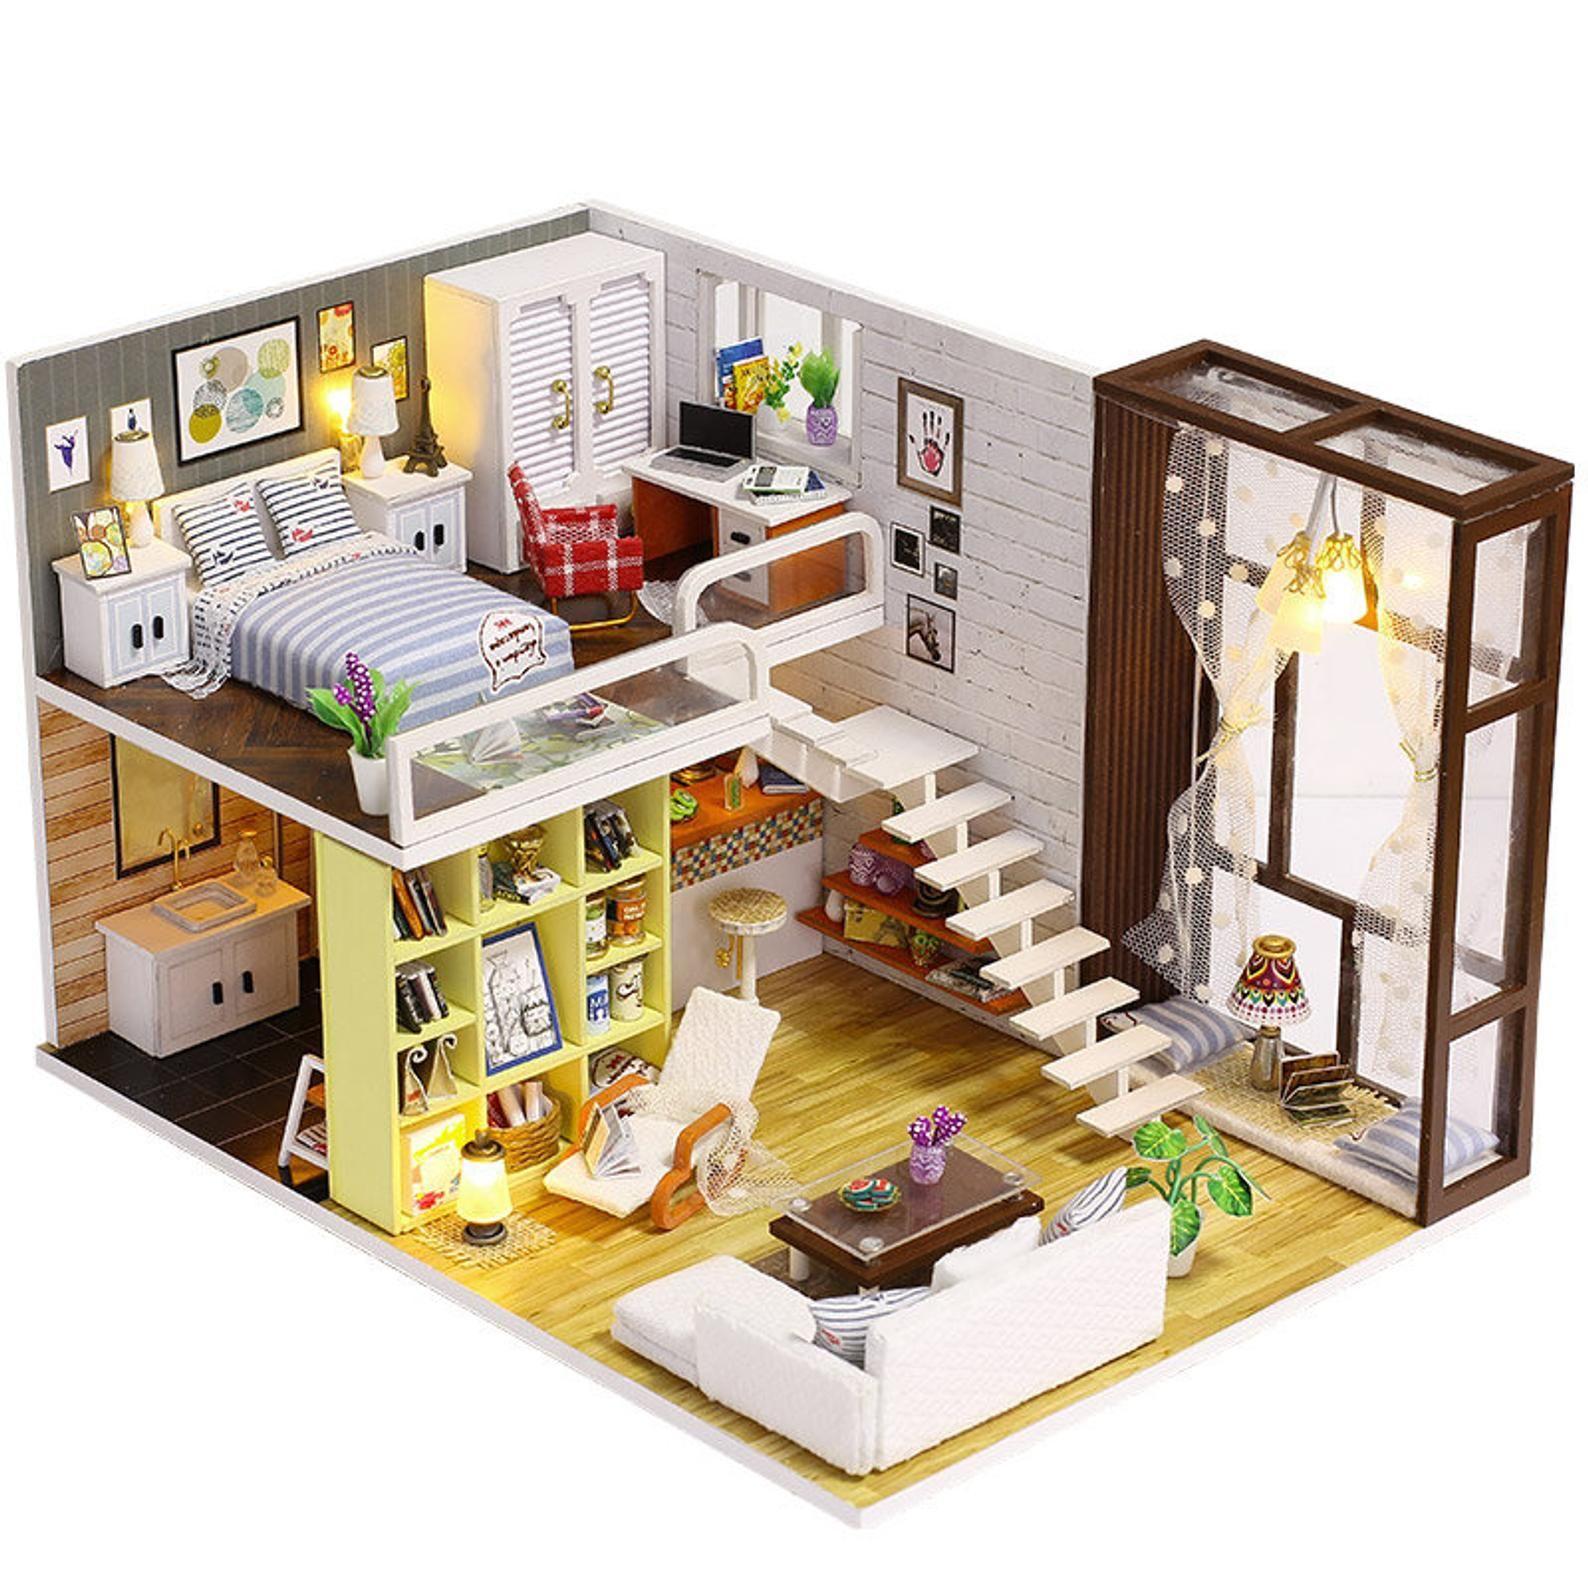 Miniature bricolage maison de poupée Kit Appartement loft | Etsy #maisondecoration #miniature #miniaturegarden #bricolagemaison #bricolagedecorationfacile